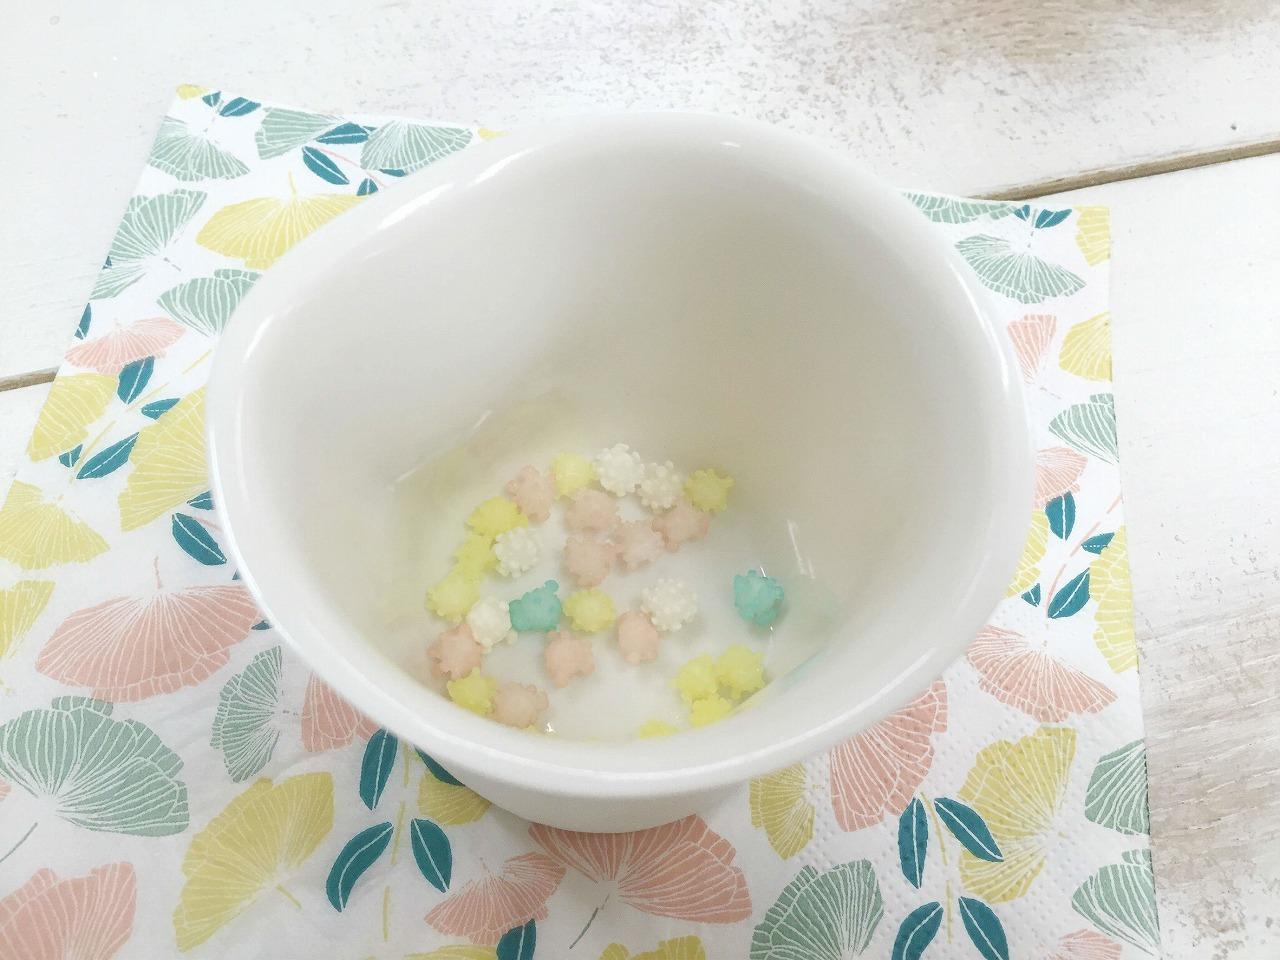 「浮き星」をいくつか入れた状態でお湯を注ぎます。